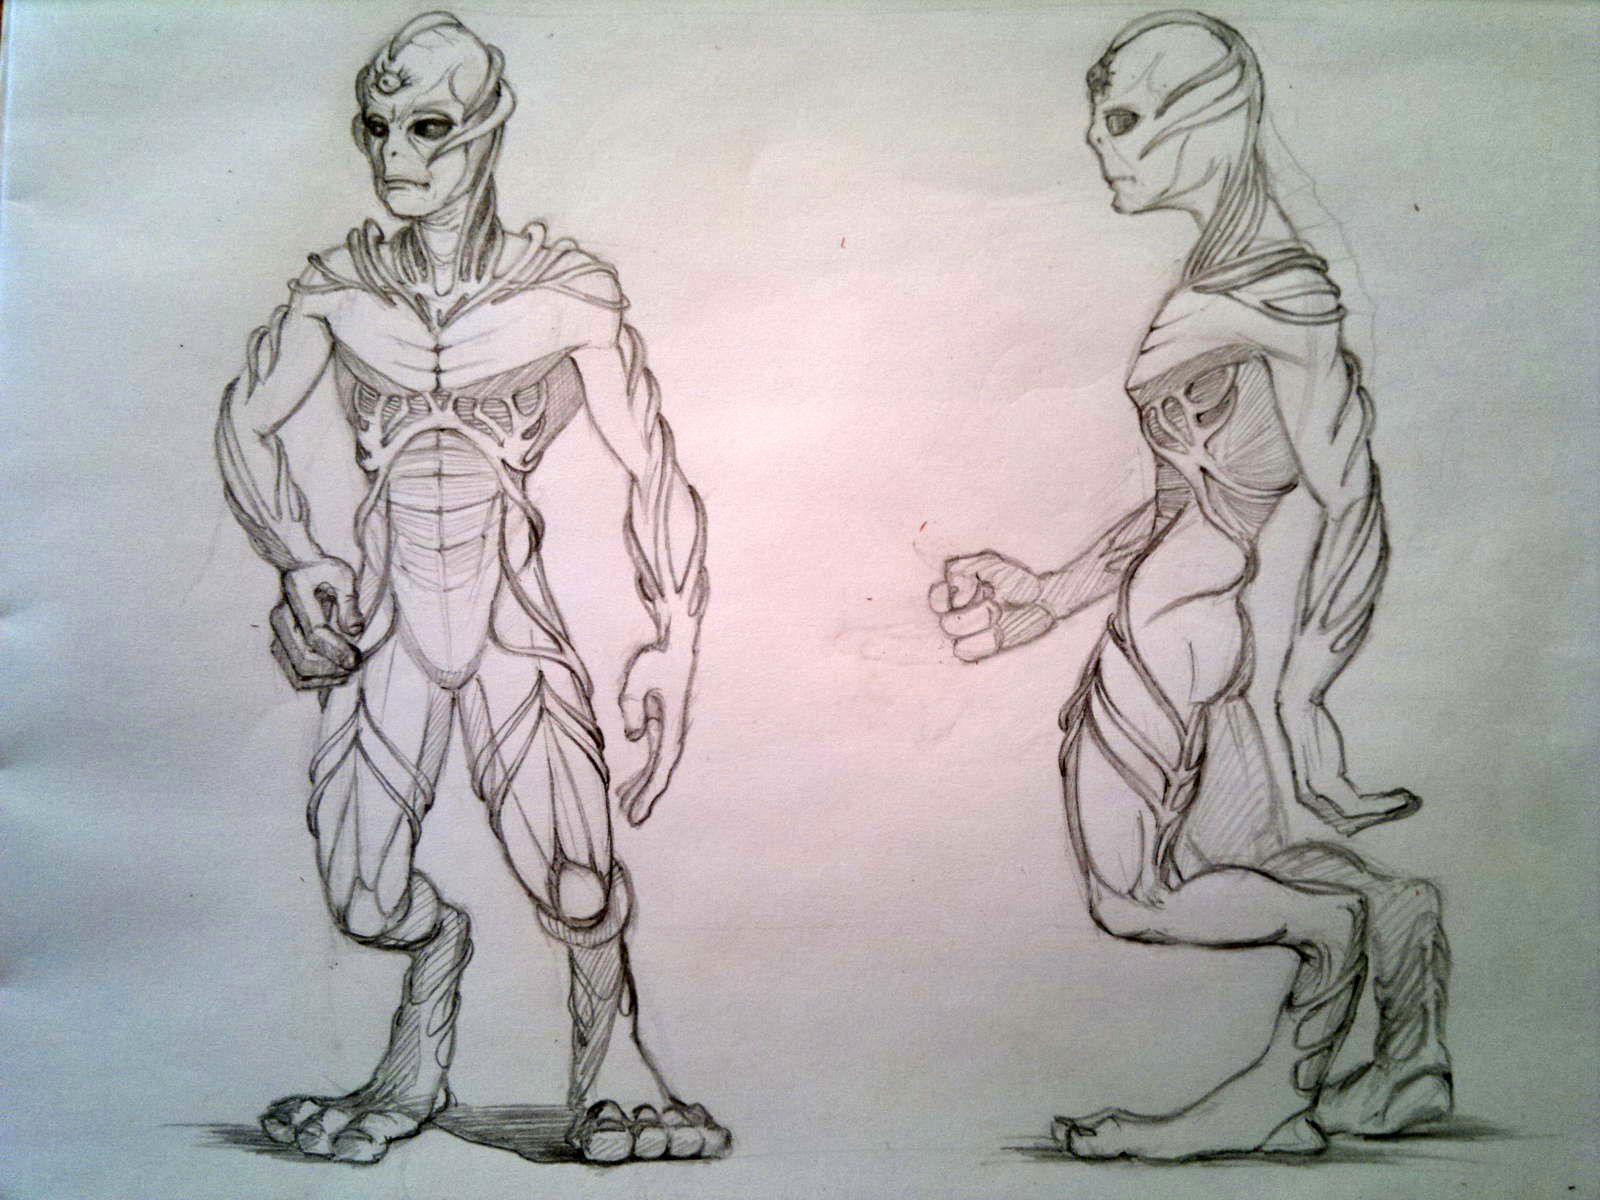 Нужен скетч персонажа для игры - дизайнер wildweb2061526